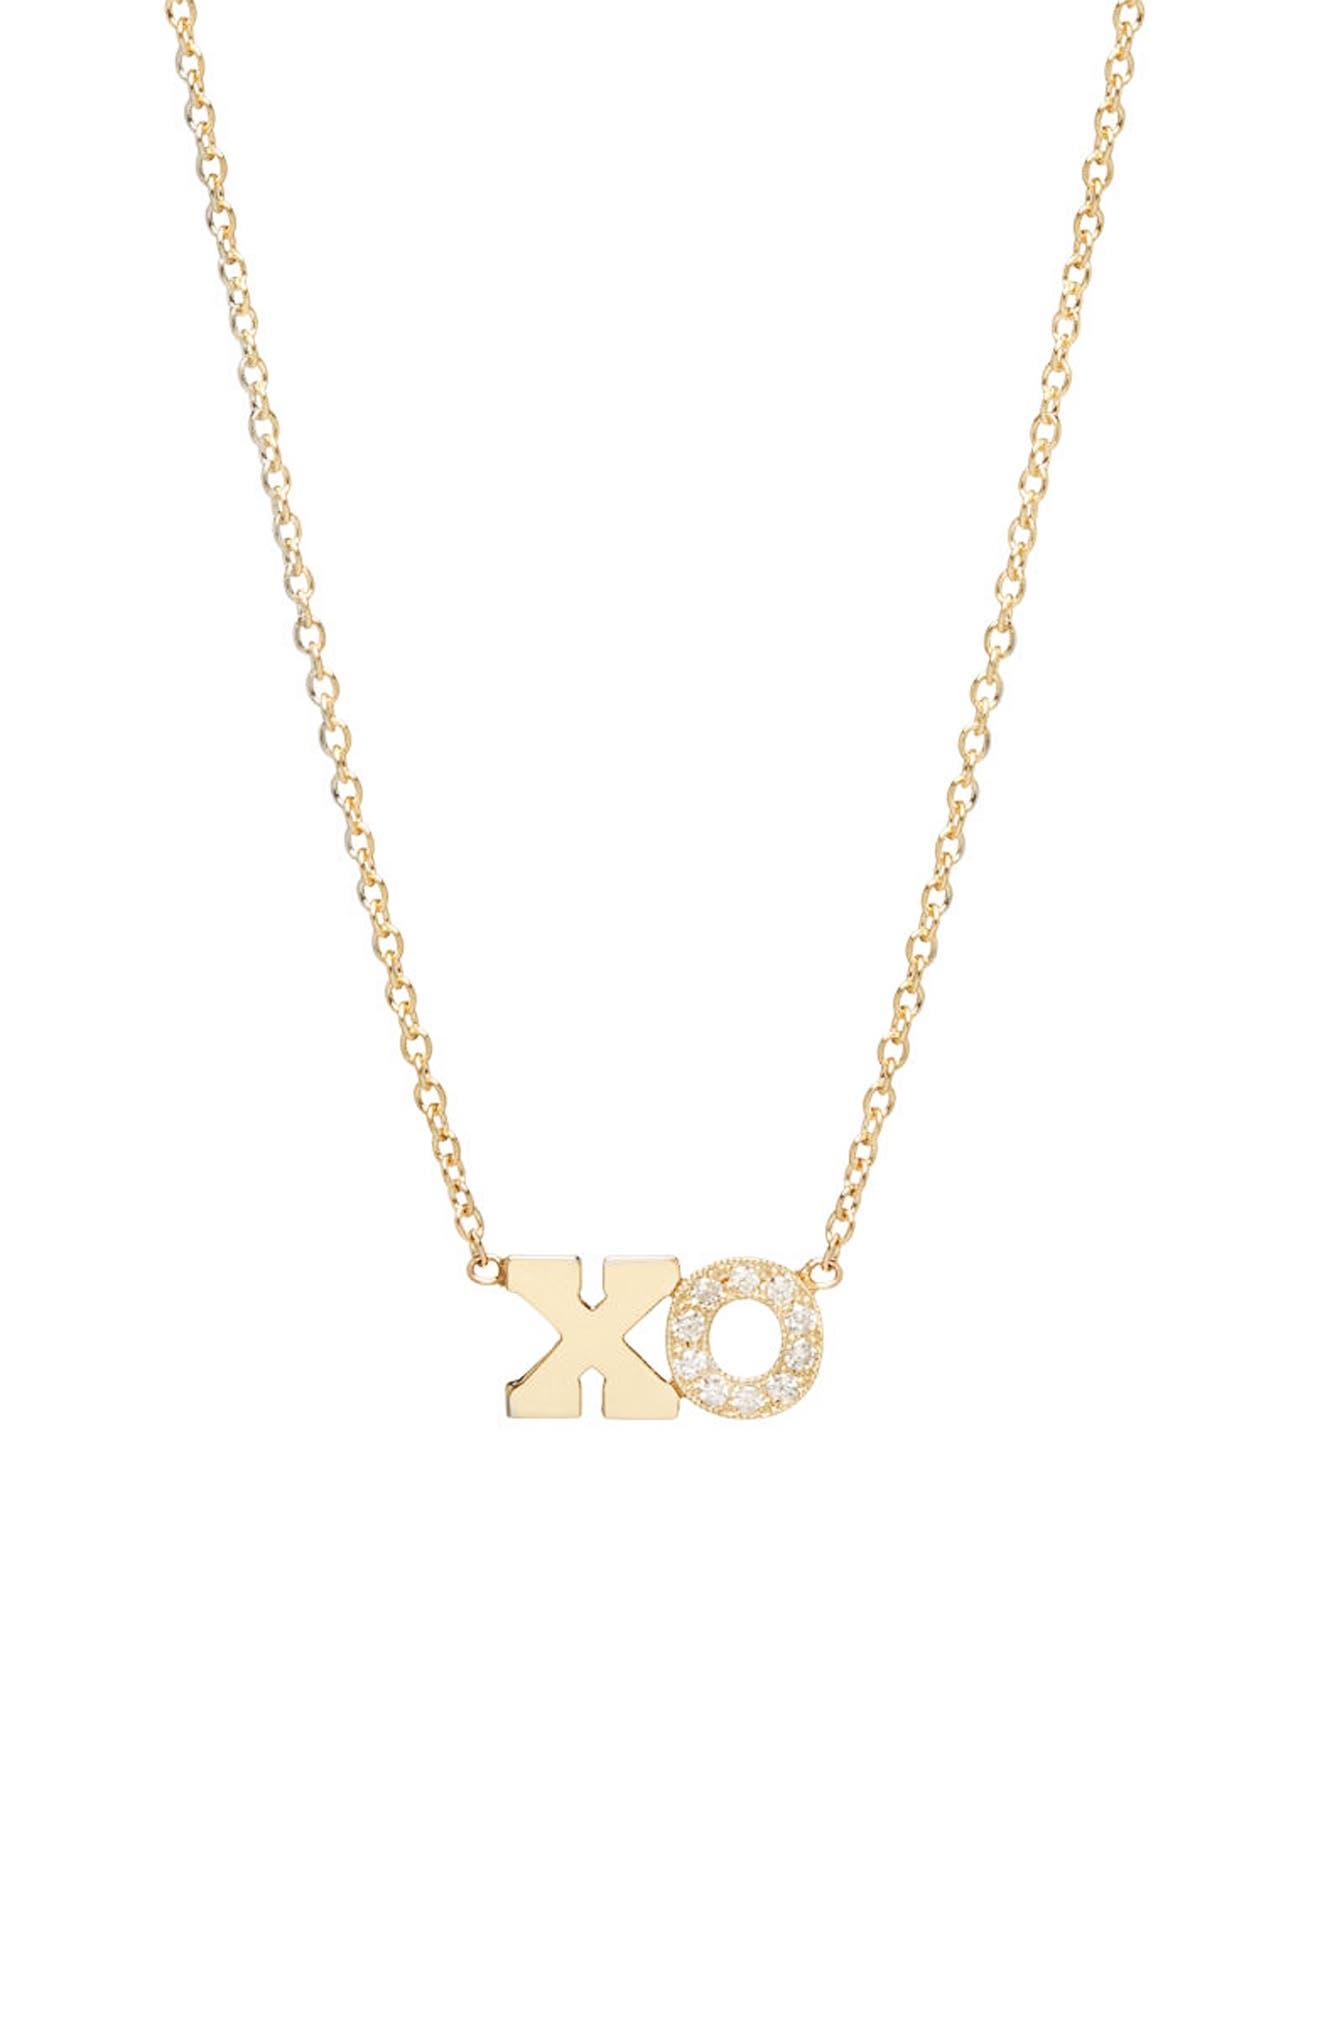 Zoe Chicco Typographical Diamond Pendant